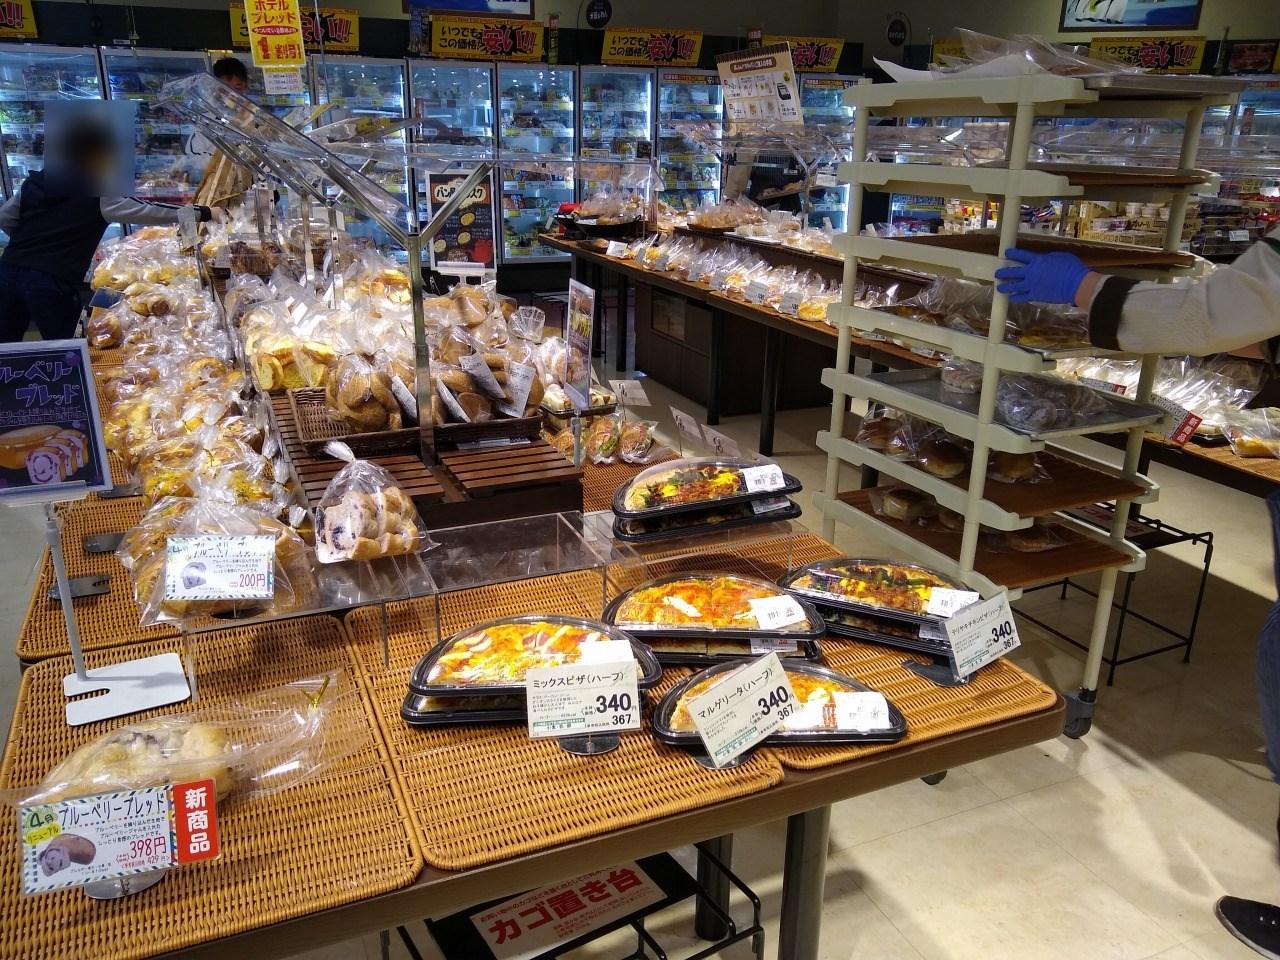 いなげや横浜綱島店のパン屋さんボンマタン